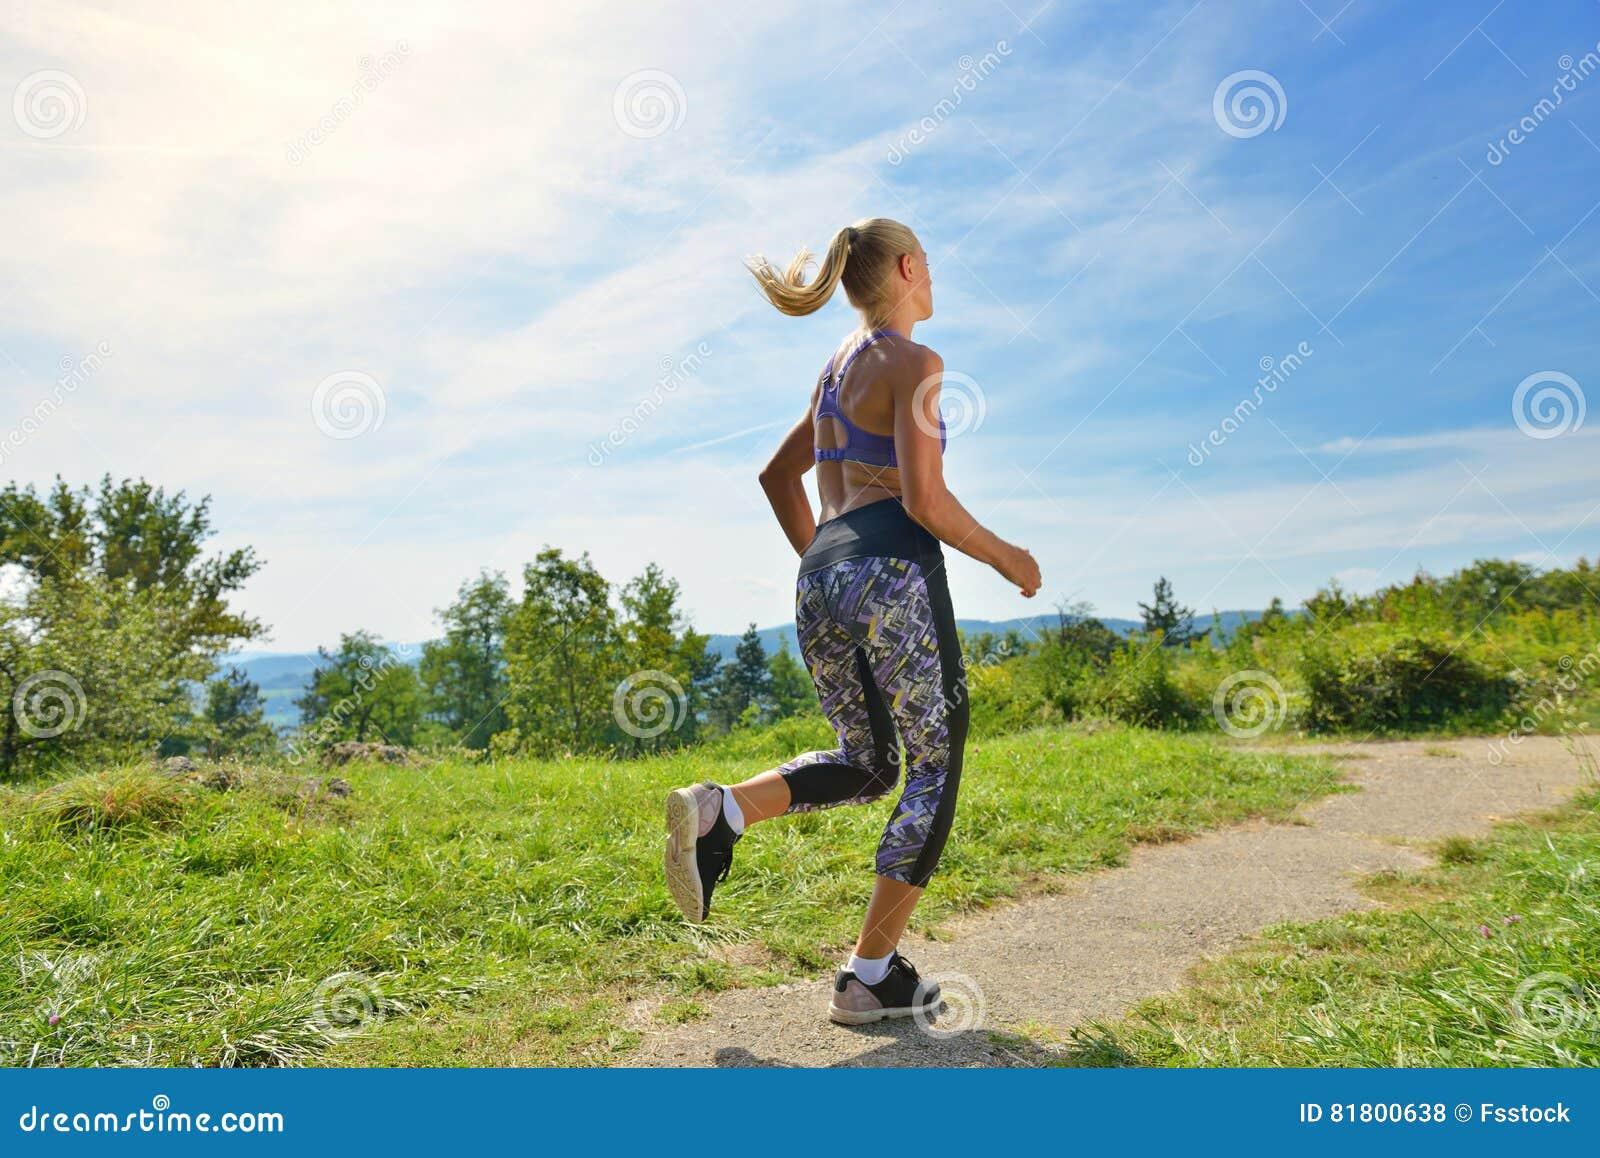 Бегун маленькой девочки jogging на горной тропе в красивом ландшафте